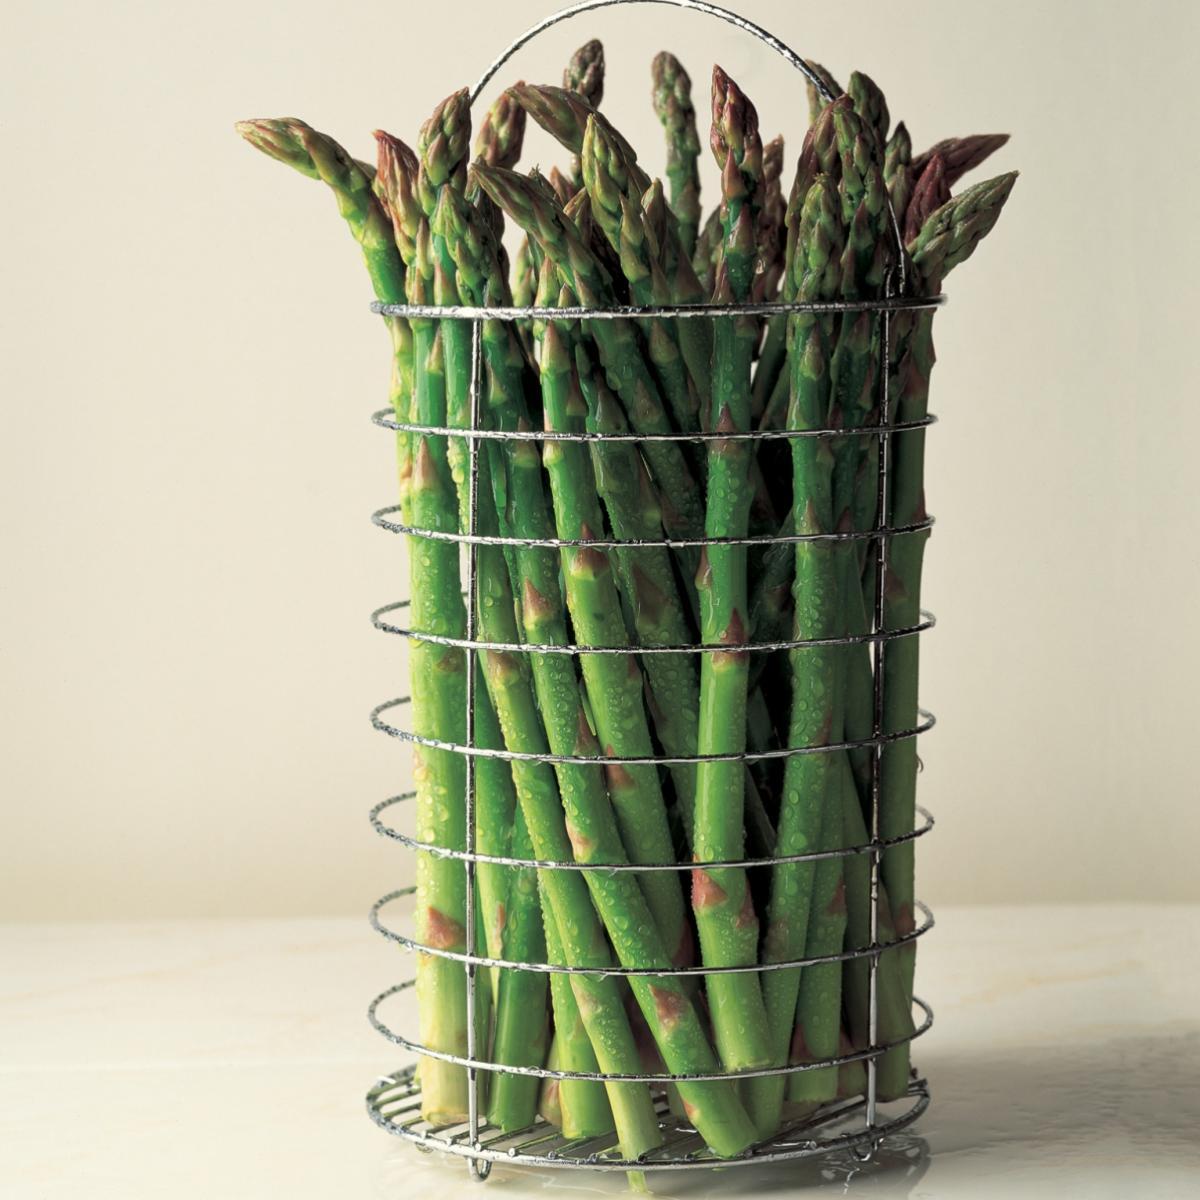 Soup asparagus soup